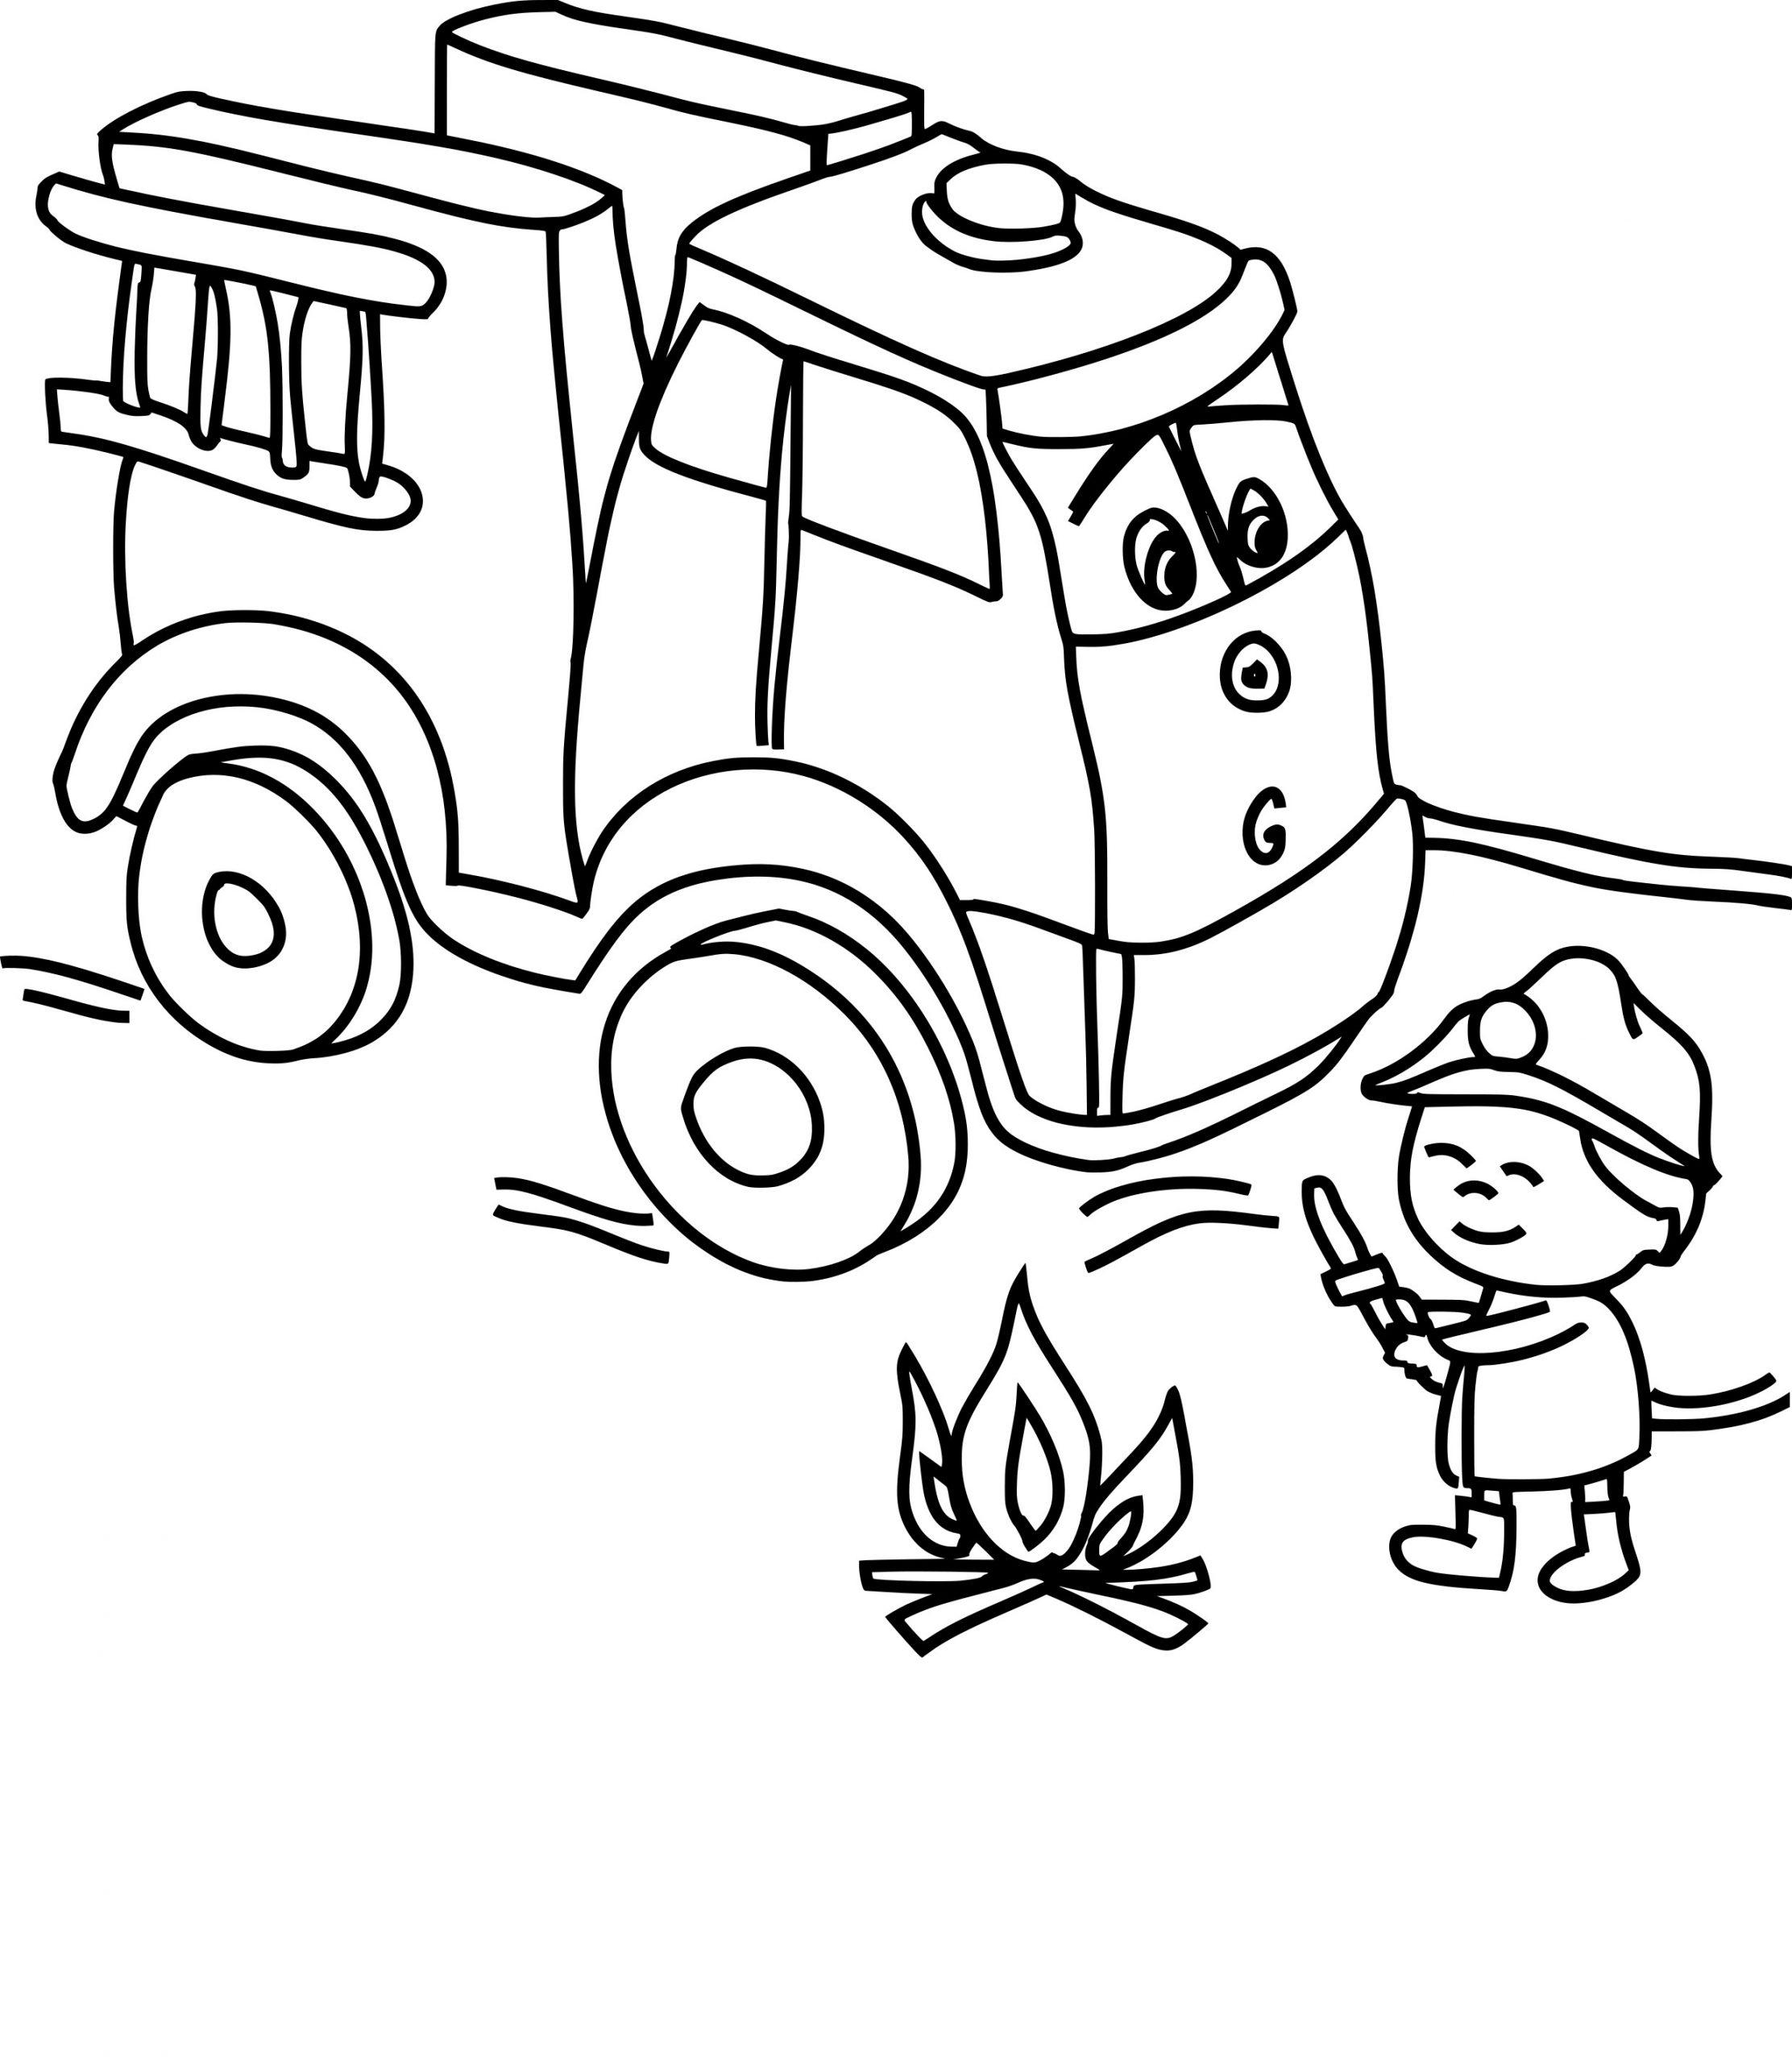 Coloriage Camion Pompier Dessin À Imprimer Sur Coloriages tout Dessin D Un Camion